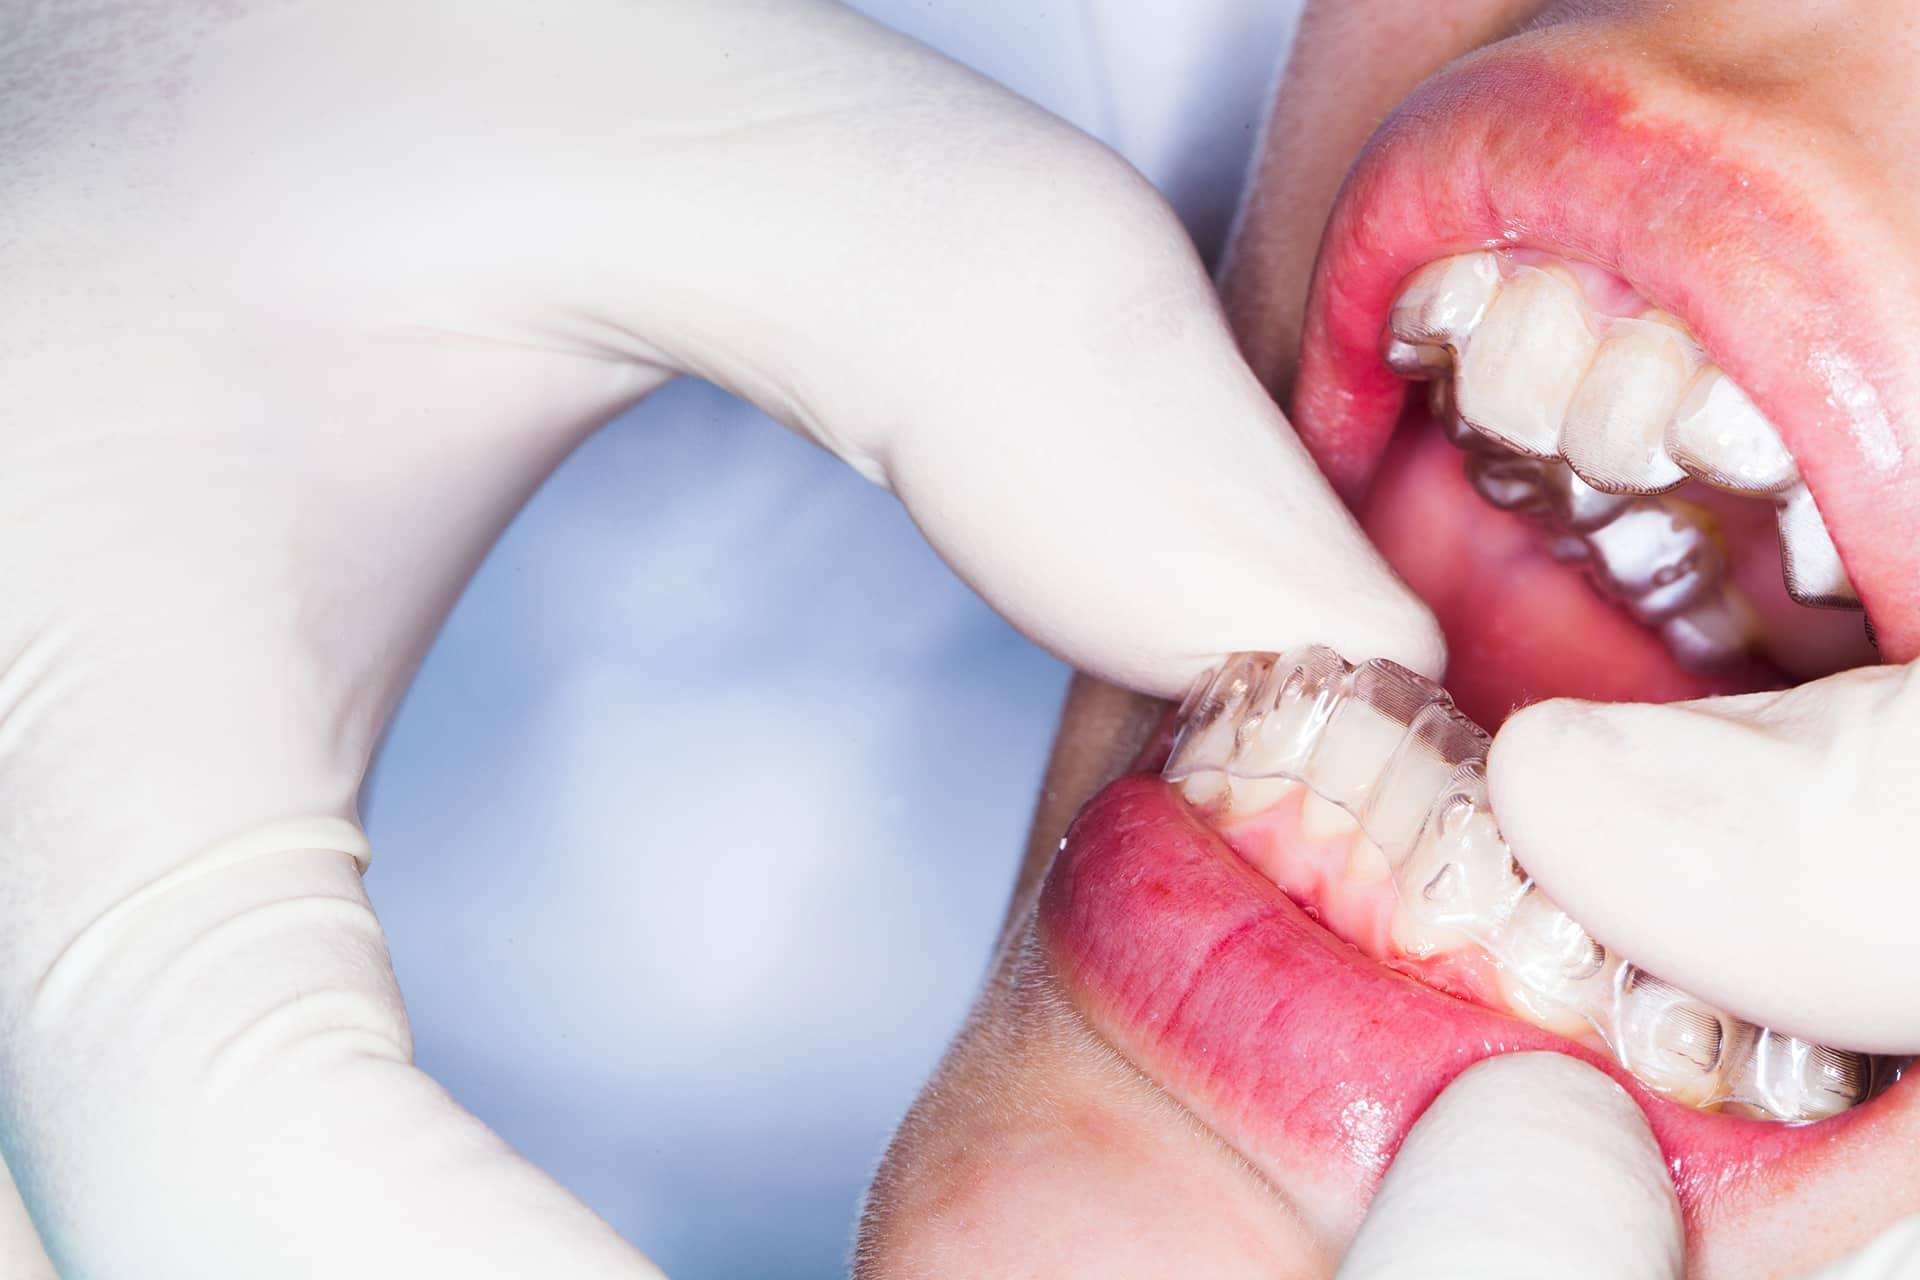 La ortodoncia invisible requiere de la monitorización del ortodoncita